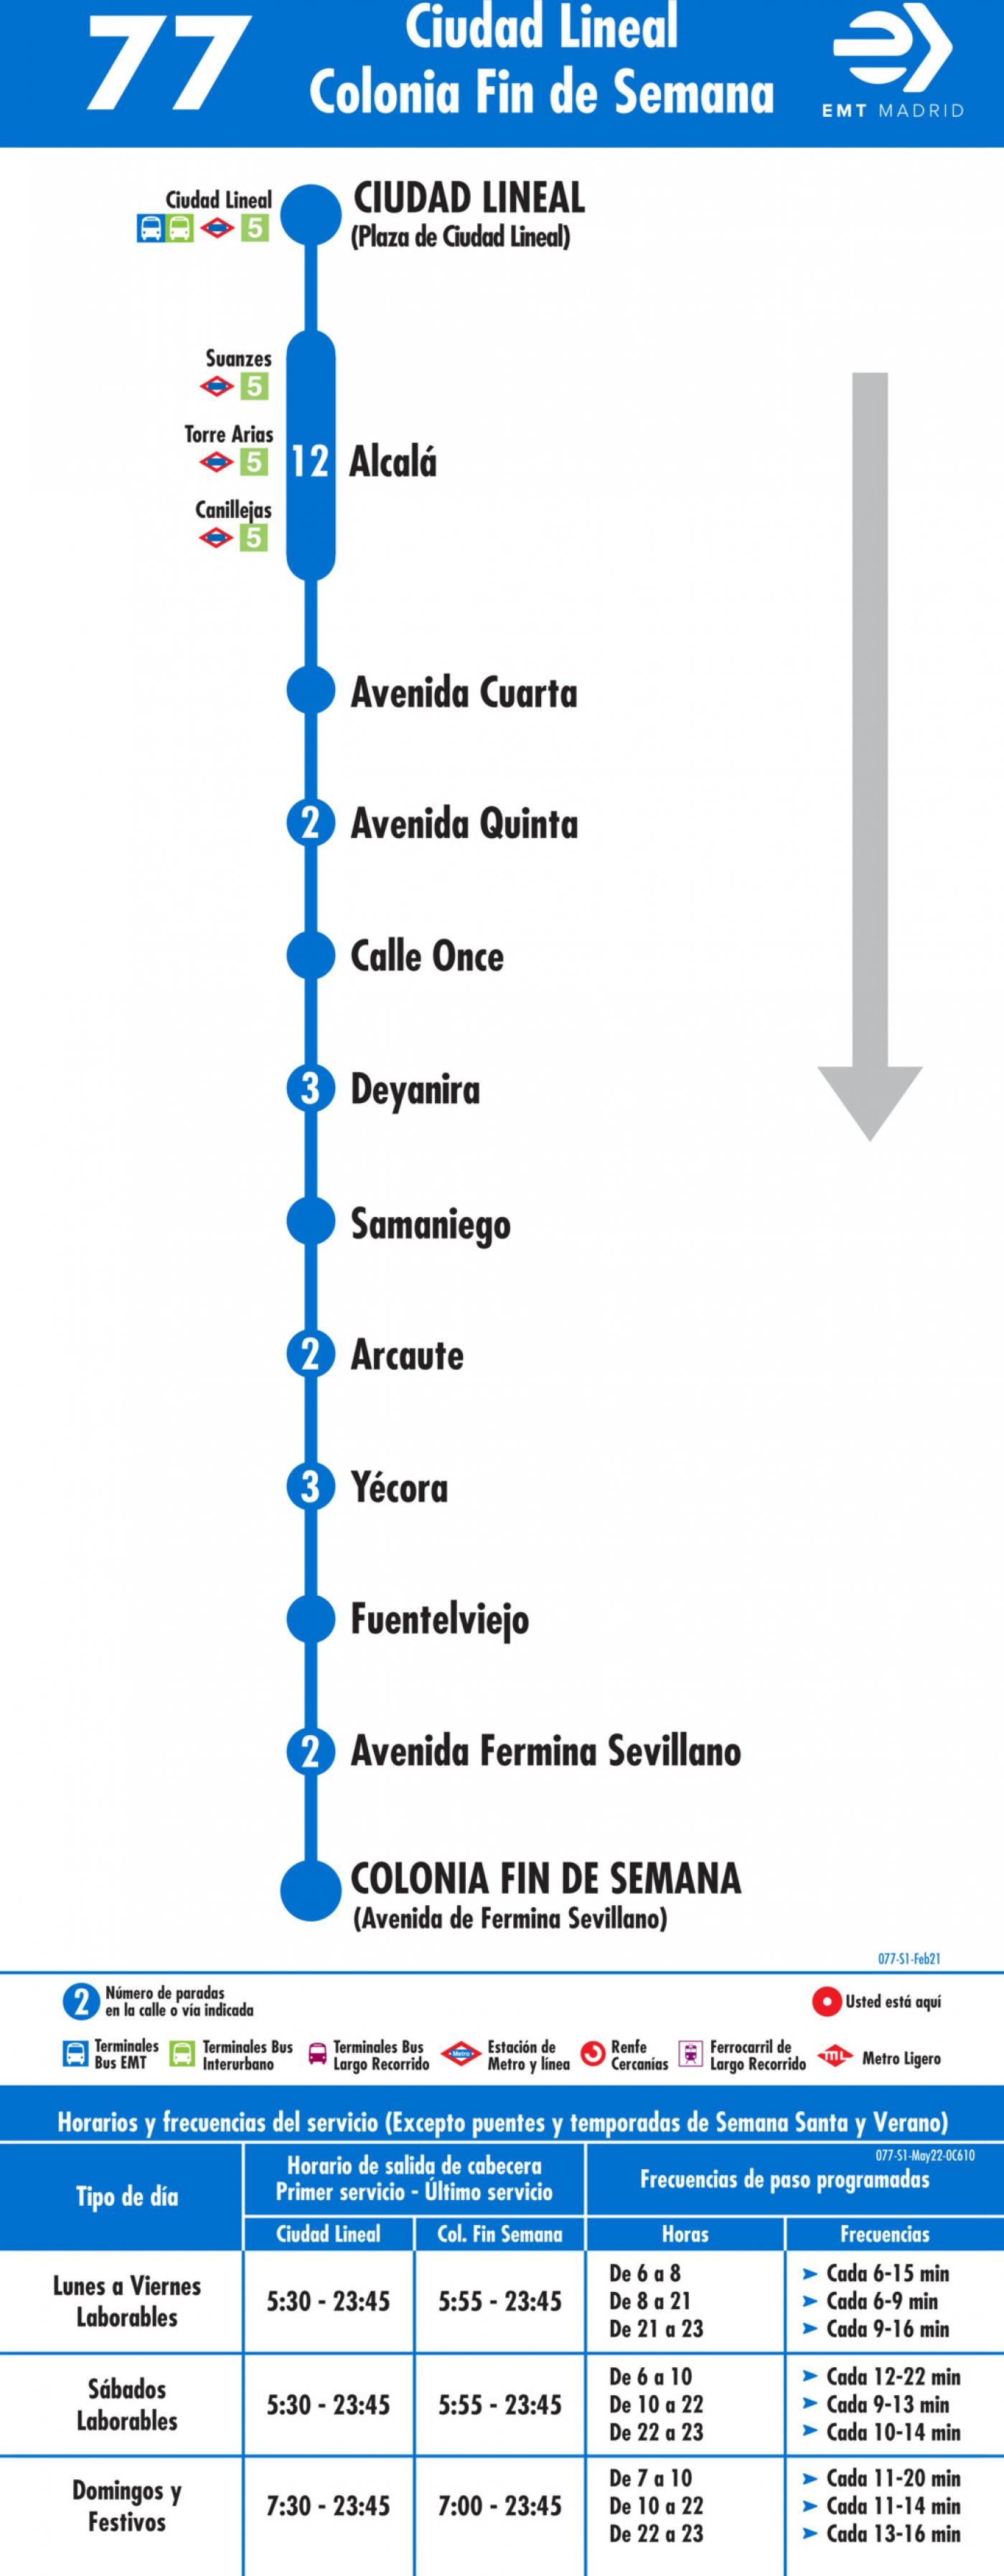 Tabla de horarios y frecuencias de paso en sentido ida Línea 77: Plaza de Ciudad Lineal - Colonia Fin de Semana